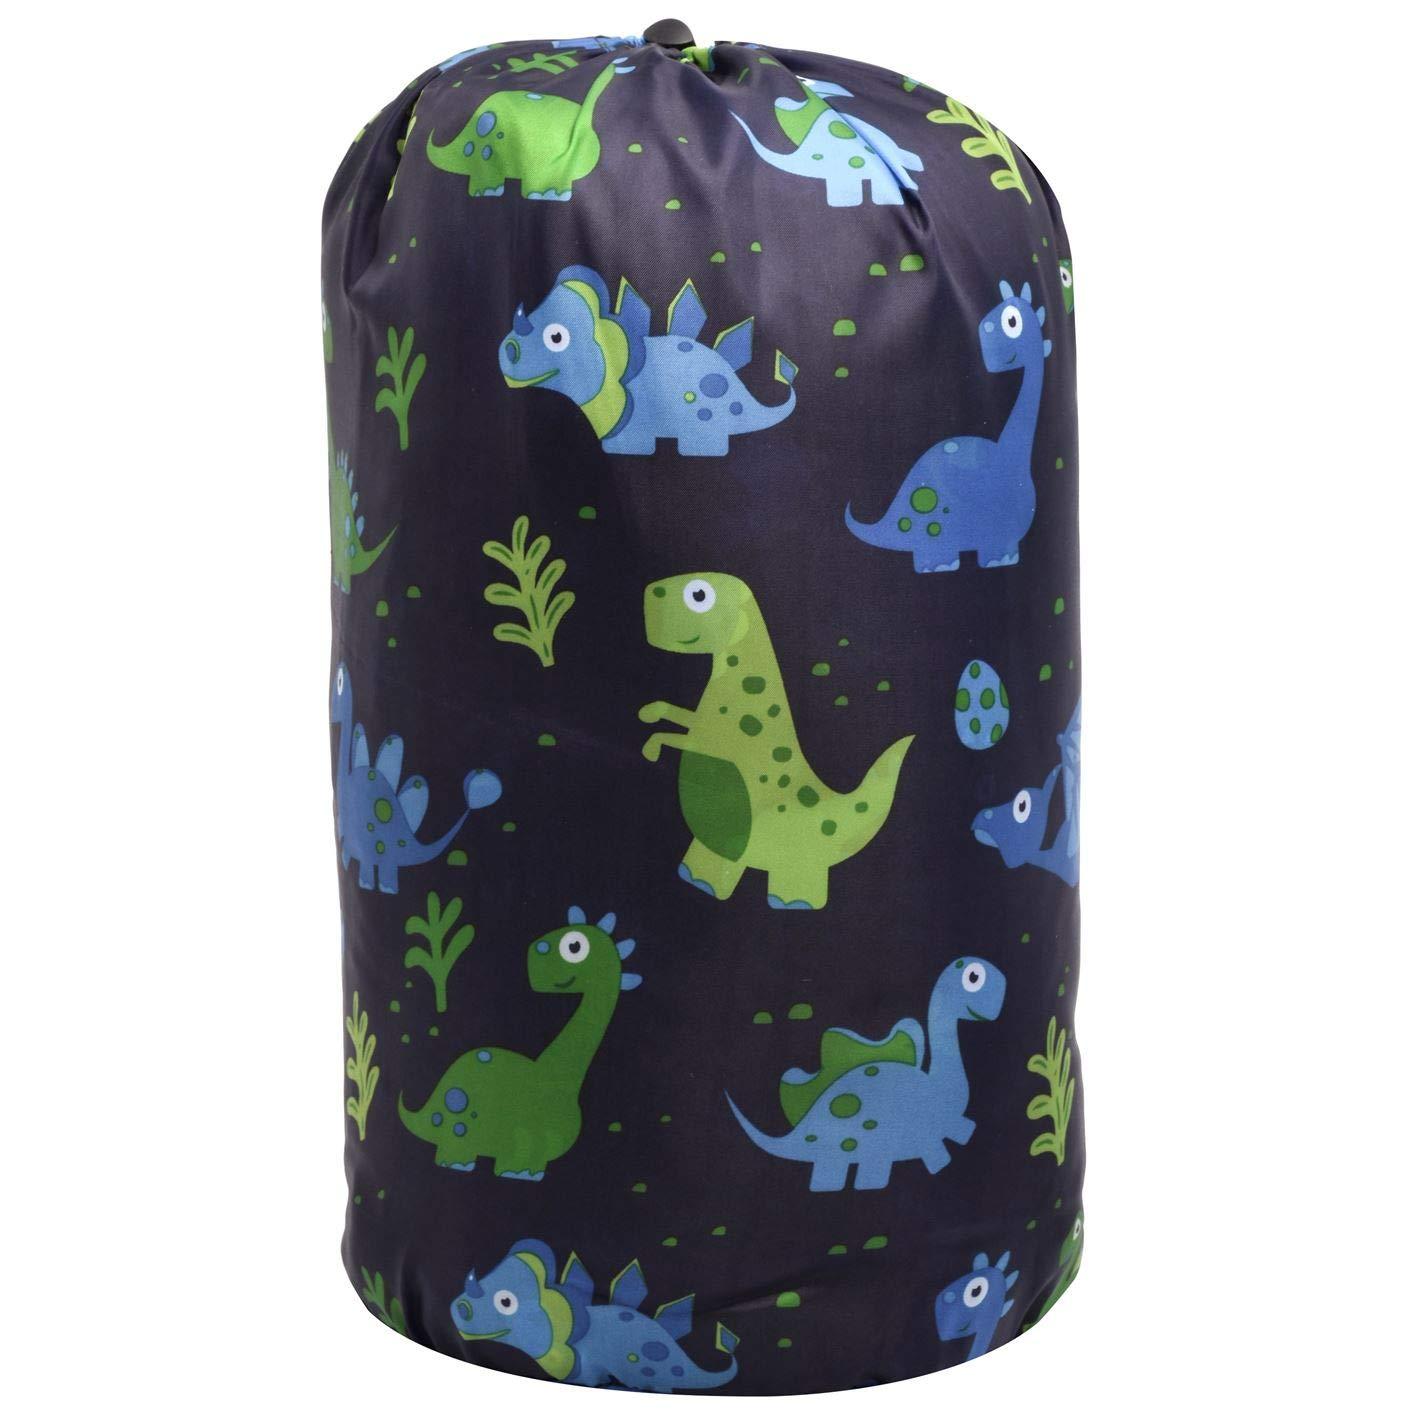 Gelert Dinosaur Saco de dormir para primavera y verano